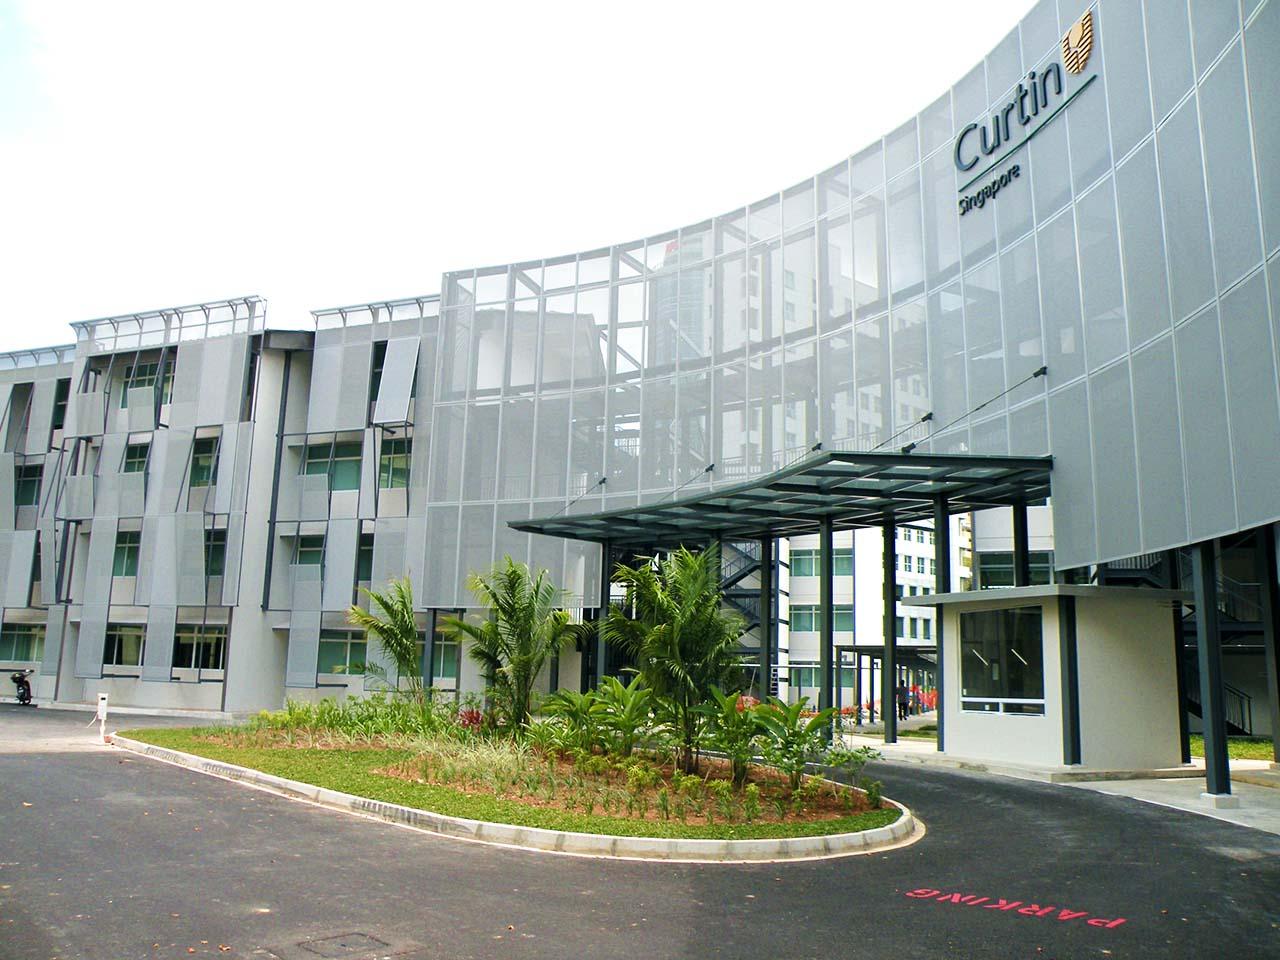 Đại học Curtin Singapore - đơn vị đào tạo hàng đầu về lĩnh vực logistics và quản lý chuỗi cung ứng